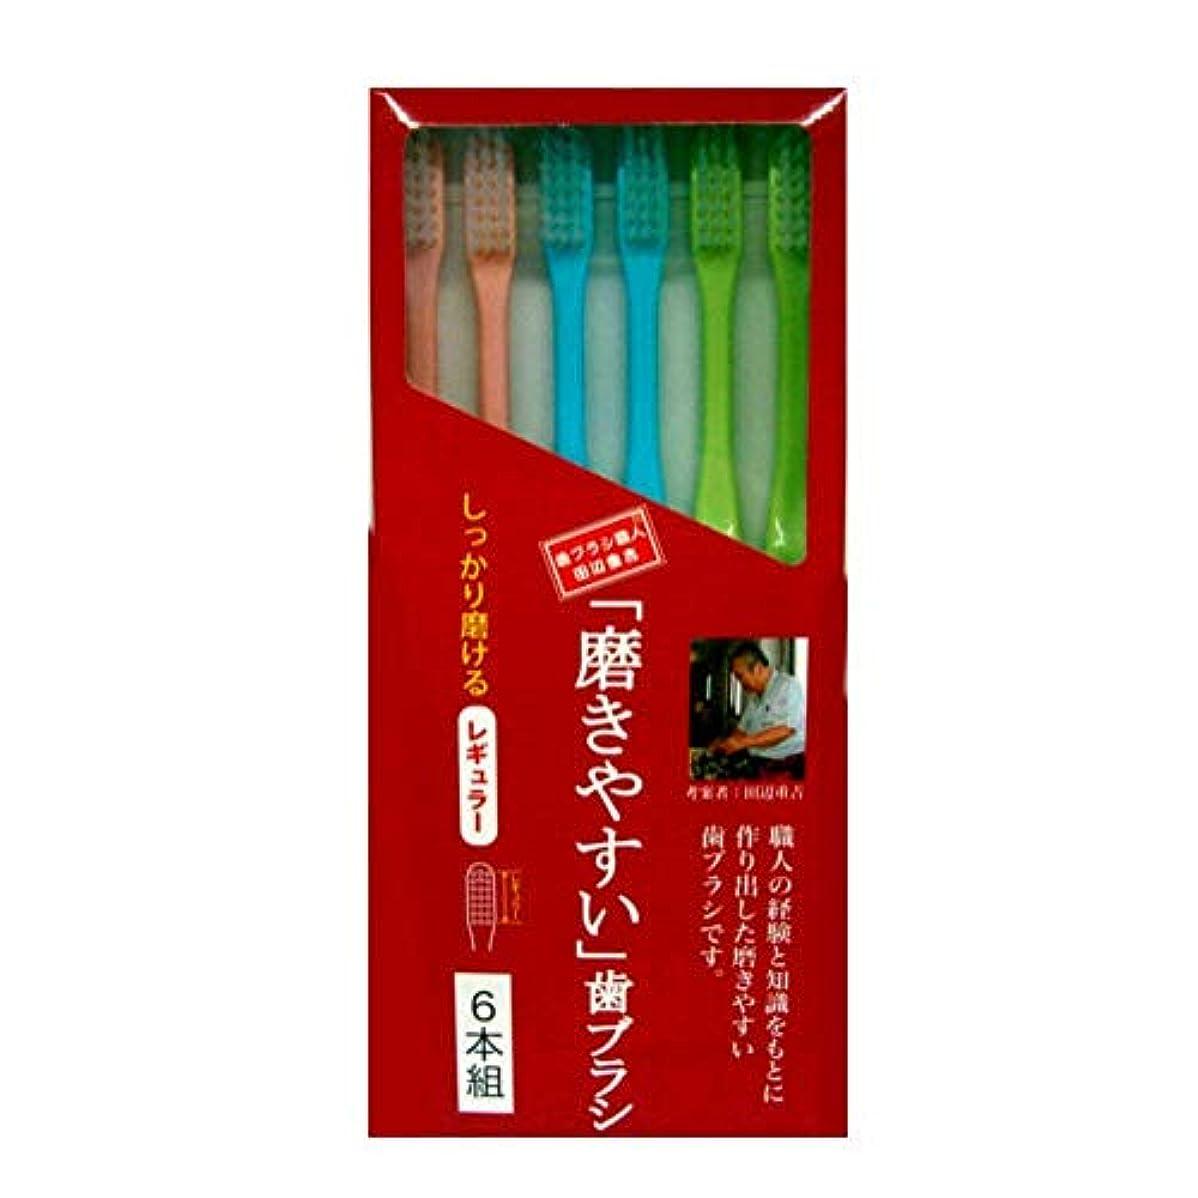 指定する渇き雲磨きやすい歯ブラシ レギュラータイプ 6本組